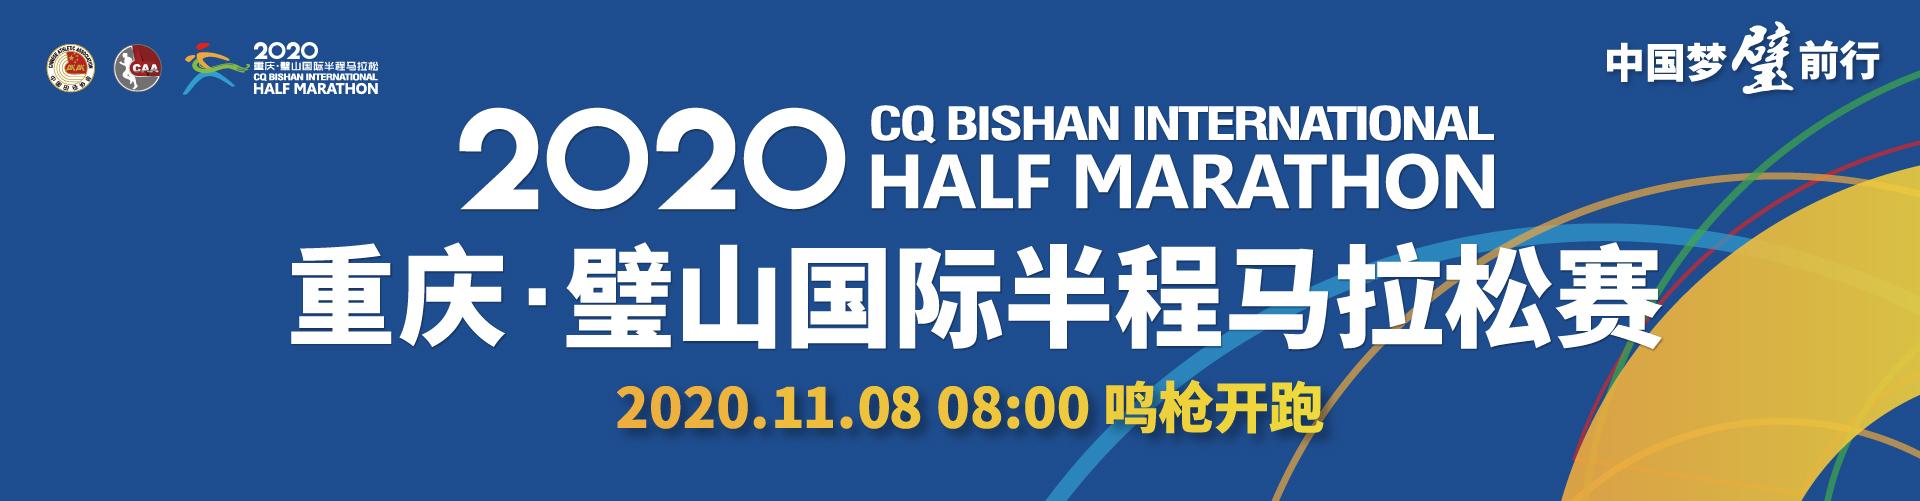 2020重庆璧山国际半程马拉松